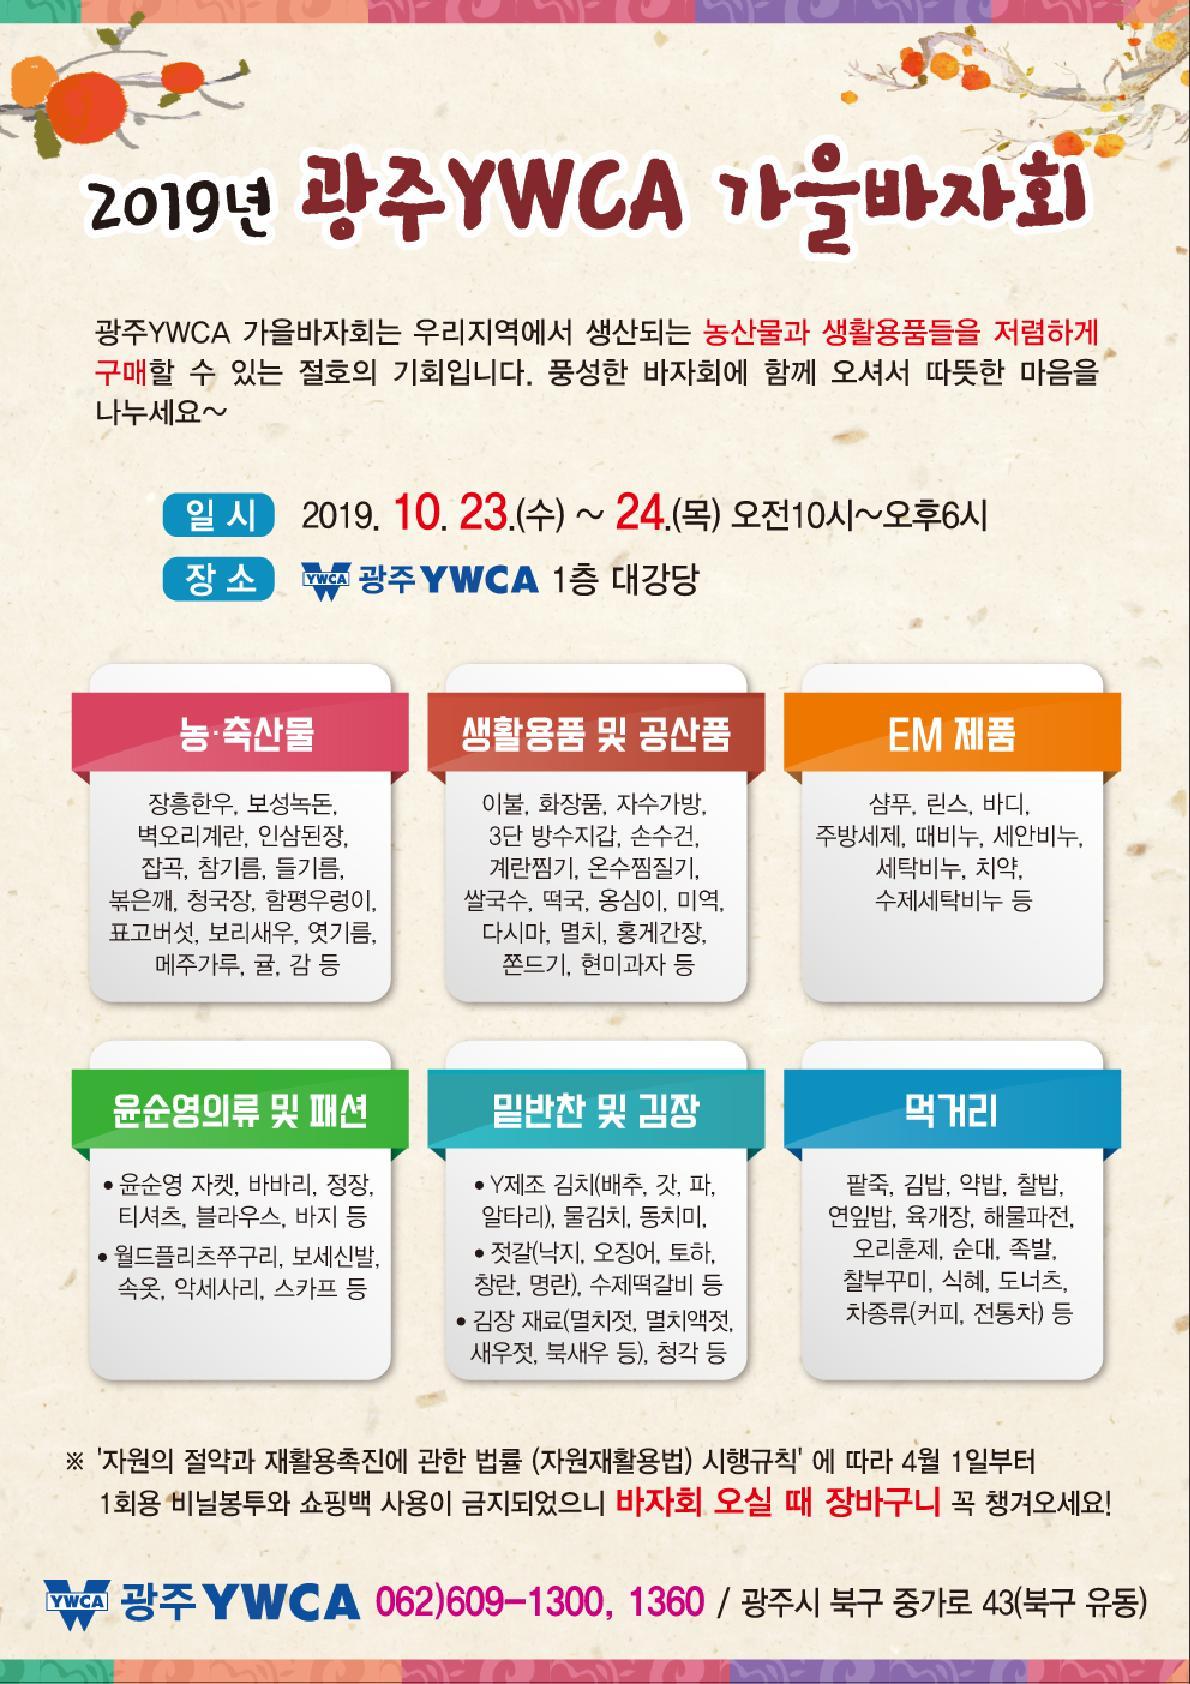 2019년 광주YWCA 가을바자회 및 윤순영패션_1